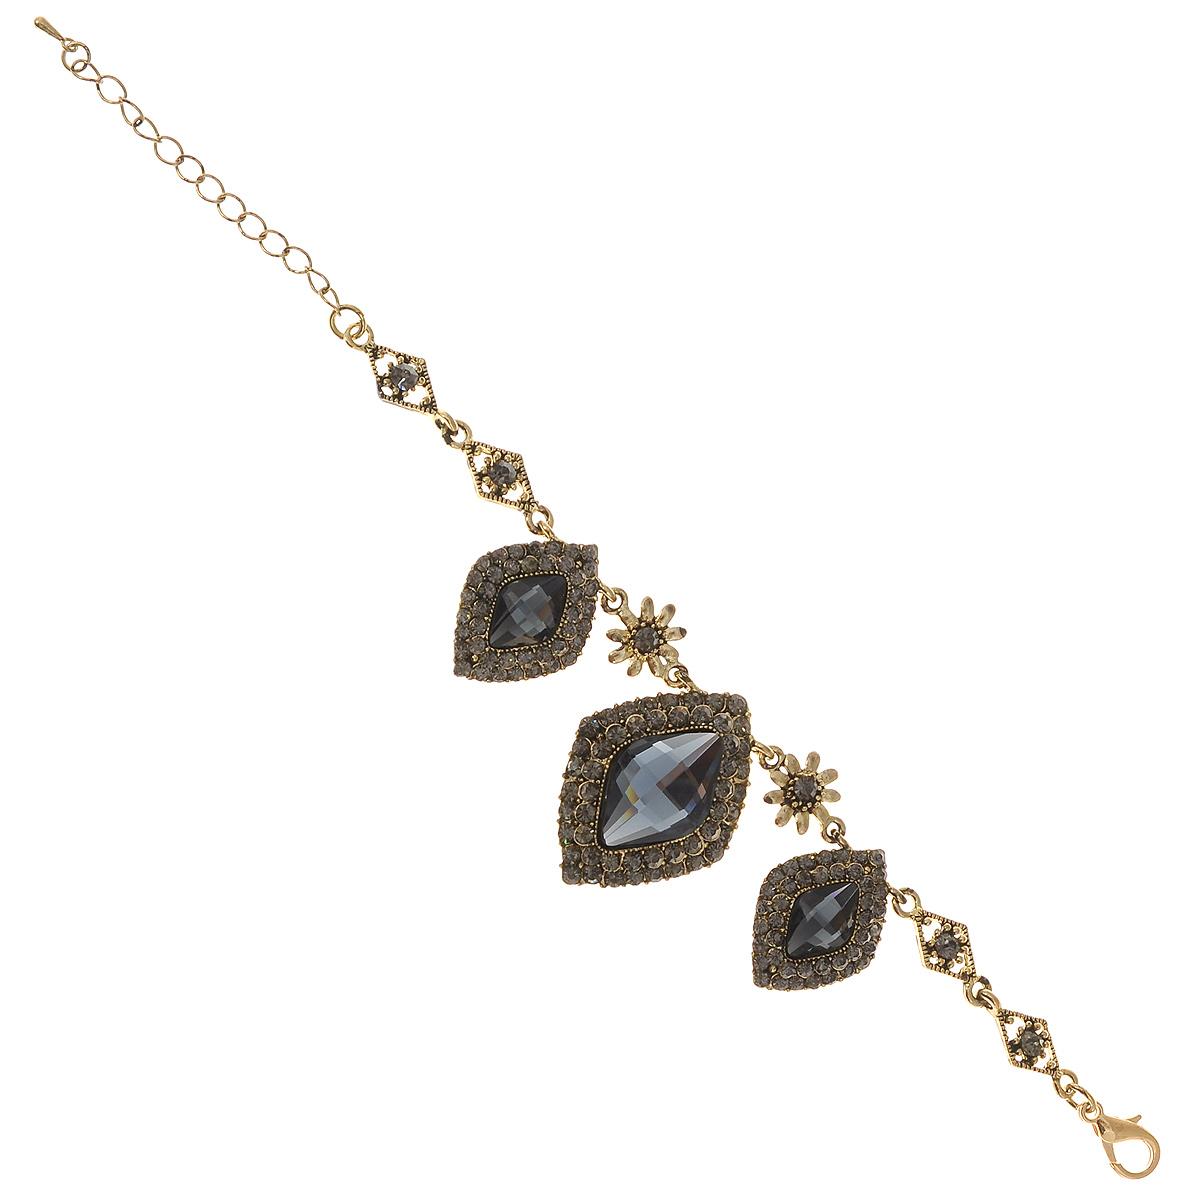 Браслет Taya, цвет: золотистый, пурпурный. T-B-7539T-B-7539-BRAC-GL.HEMATITEВеликолепный браслет Taya изготовлен из гипоаллергенного металлического сплава золотистого цвета. Браслет выполнен под старину и дополнен подвесками в виде ромбов с камнями серо-голубого цвета и окантовкой из страз. Изделие застегивается на замок-карабин с регулирующей длину цепочкой. Это украшение прекрасно дополнит ваш повседневный образ и внесет в него изюминку.